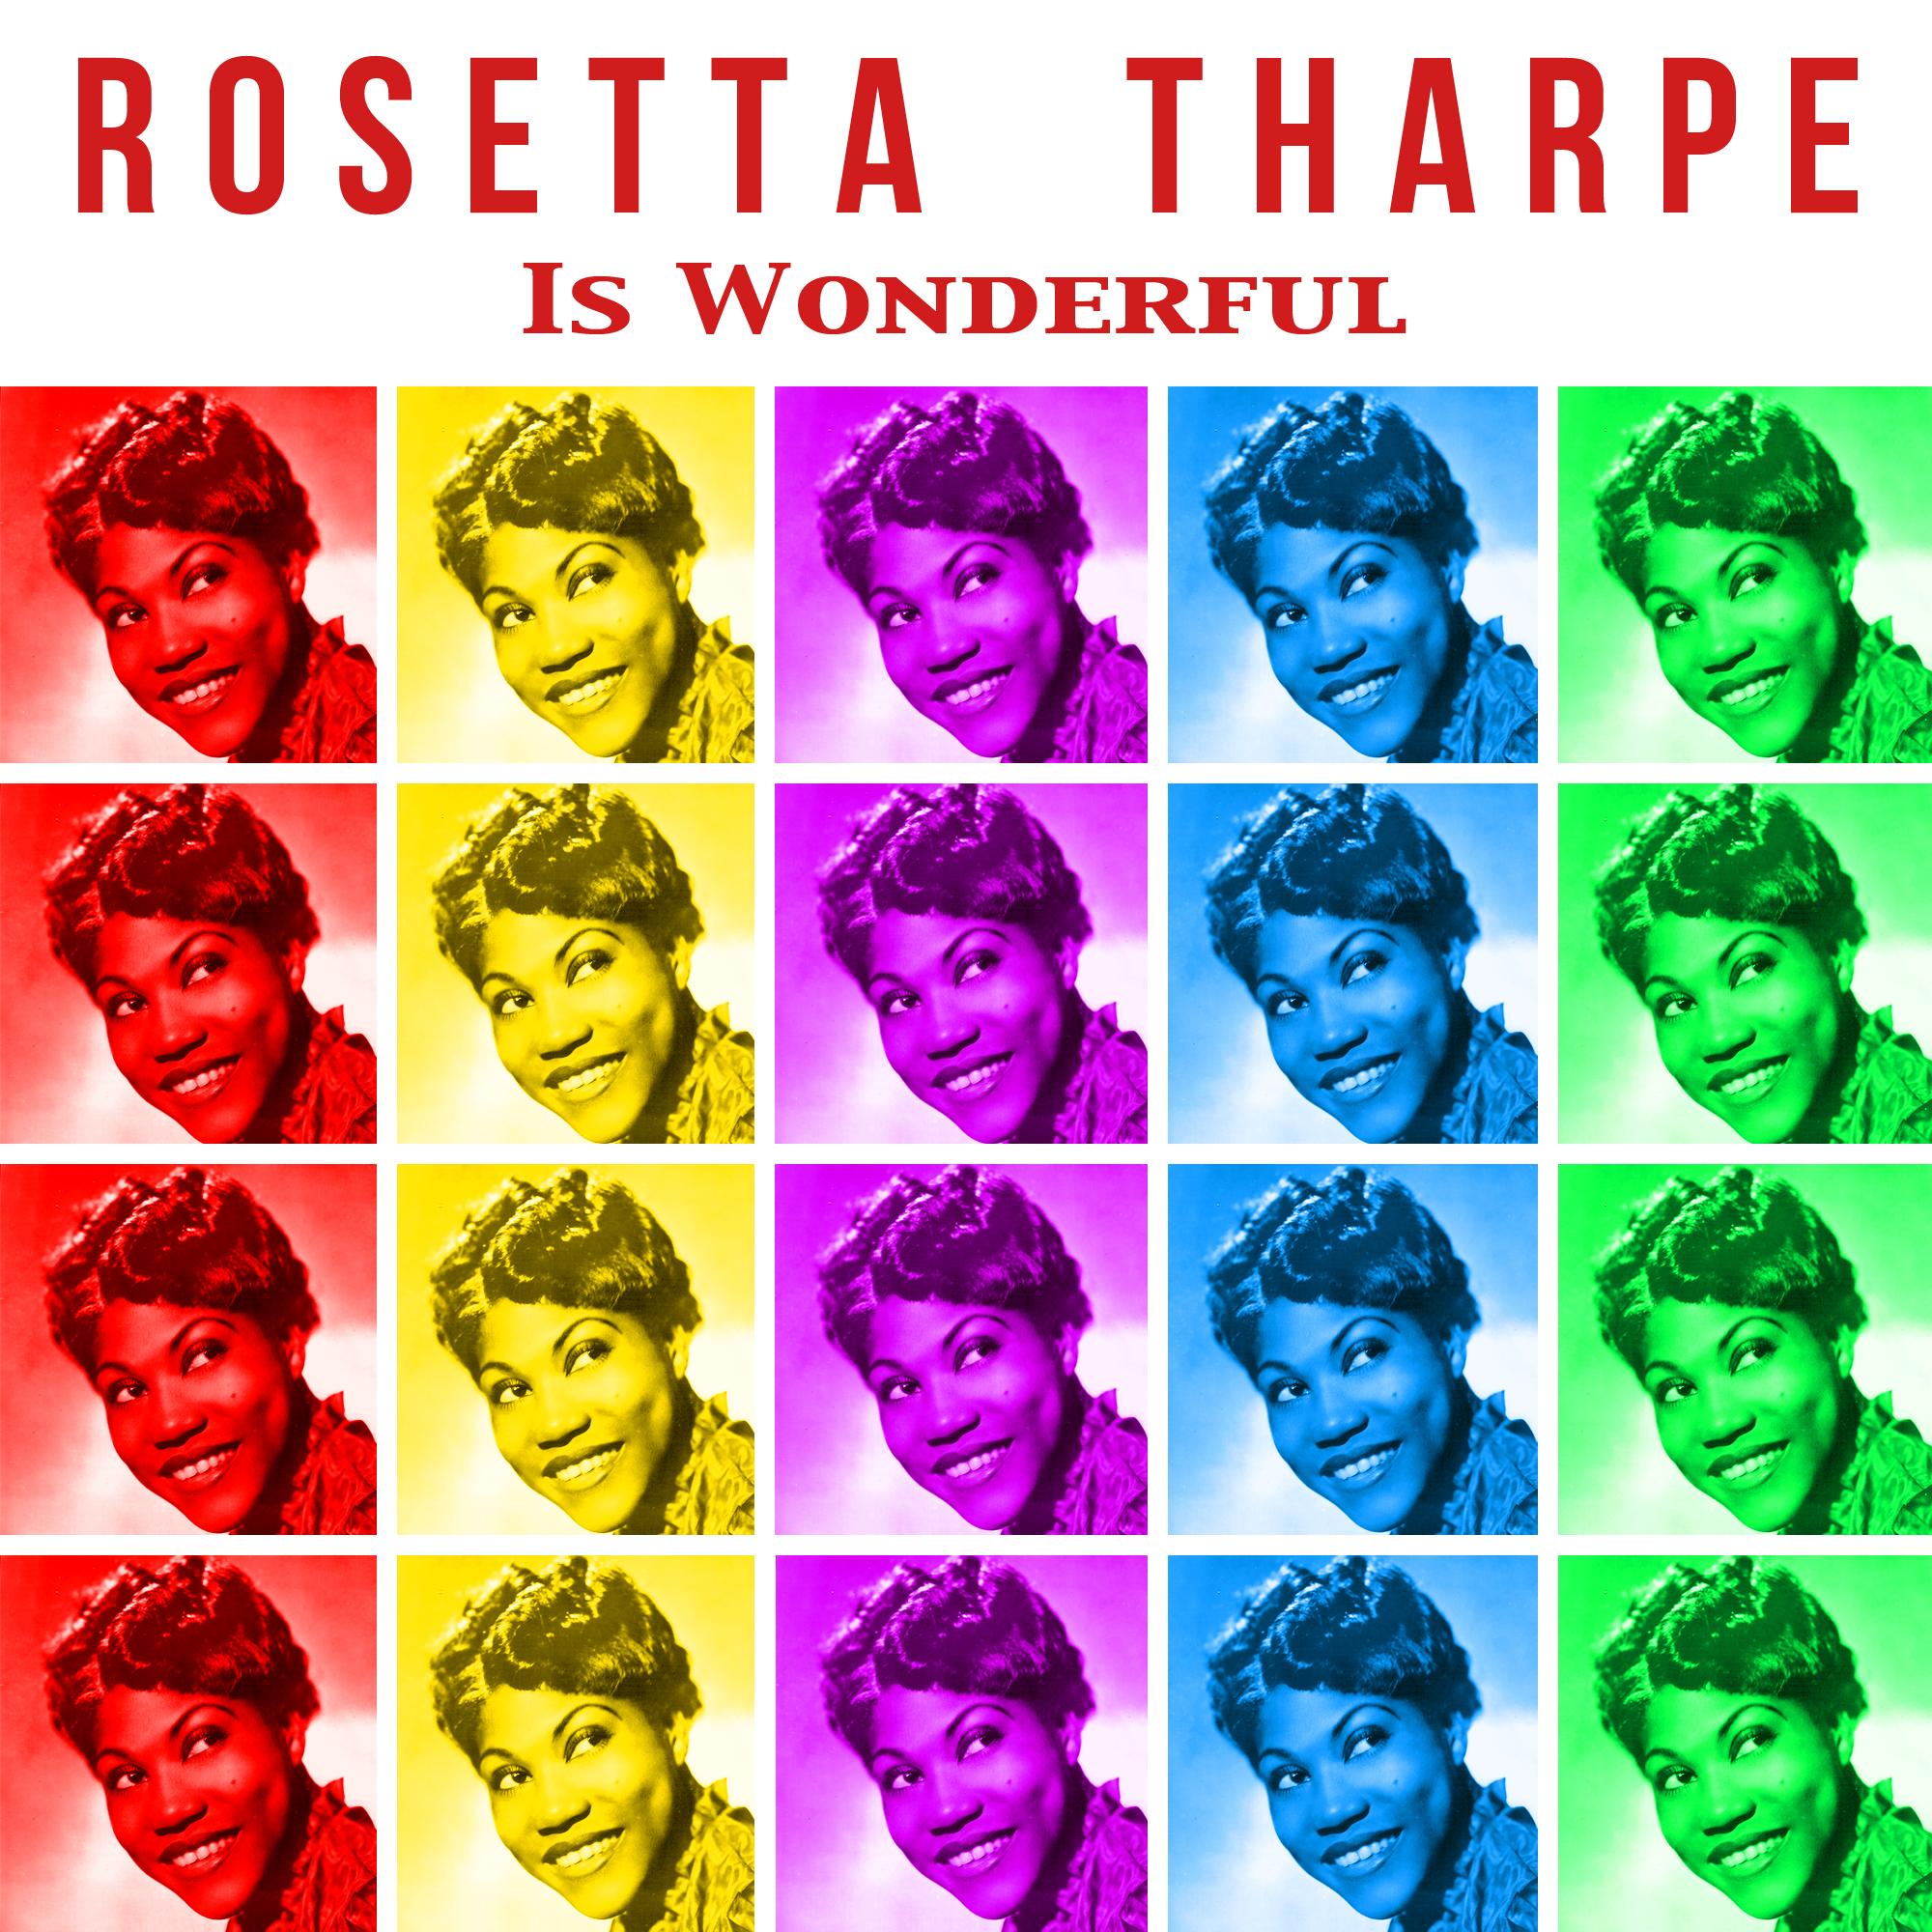 Rosetta Tharpe Is Wonderful – Sister Rosetta Tharpe